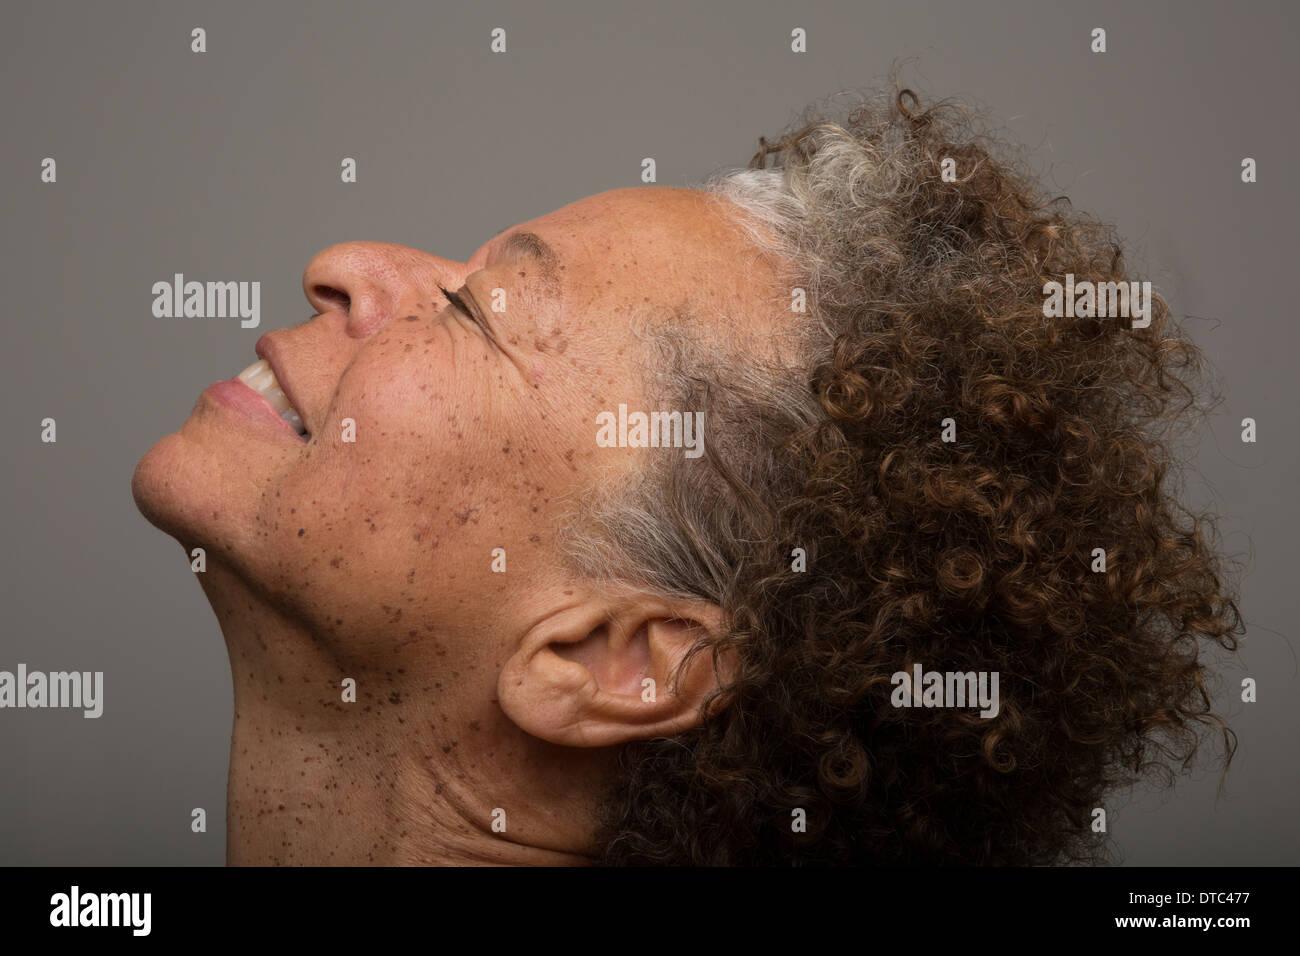 Close up portrait of senior woman avec tête en arrière et les yeux fermés Photo Stock